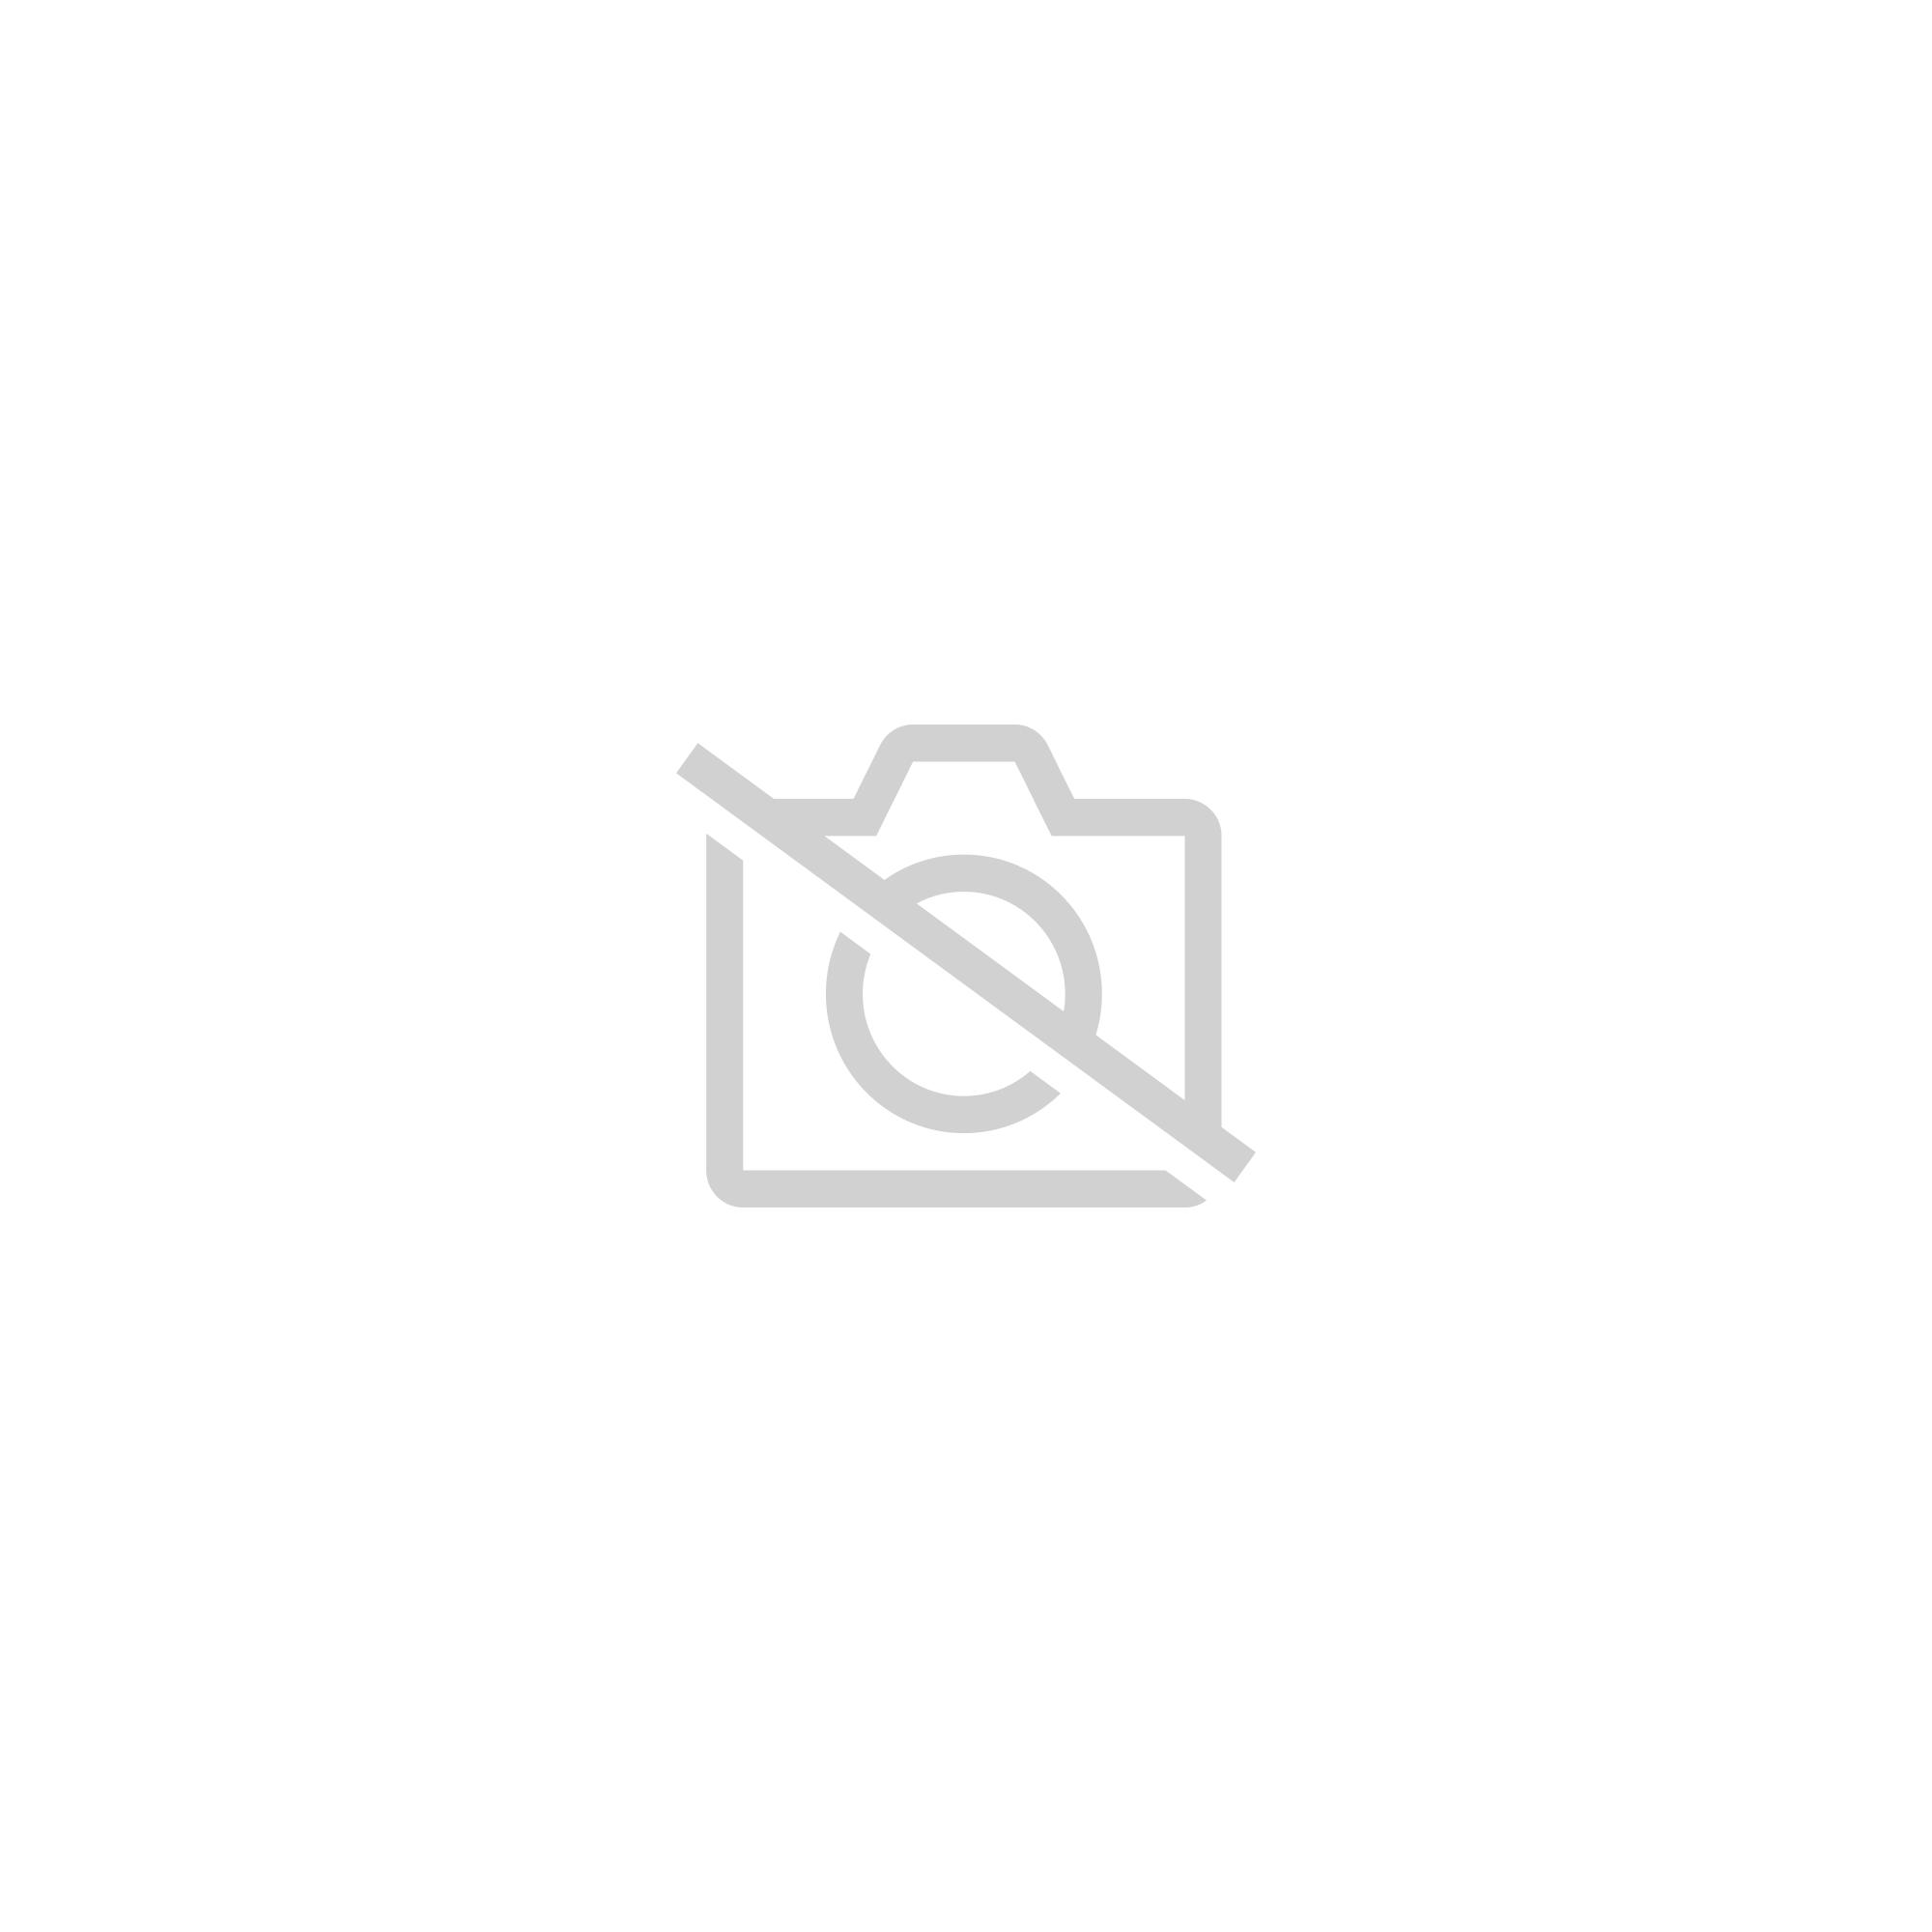 table de massage w3p violet 3 zones plans pliante portable en aluminium esth tique pilation. Black Bedroom Furniture Sets. Home Design Ideas